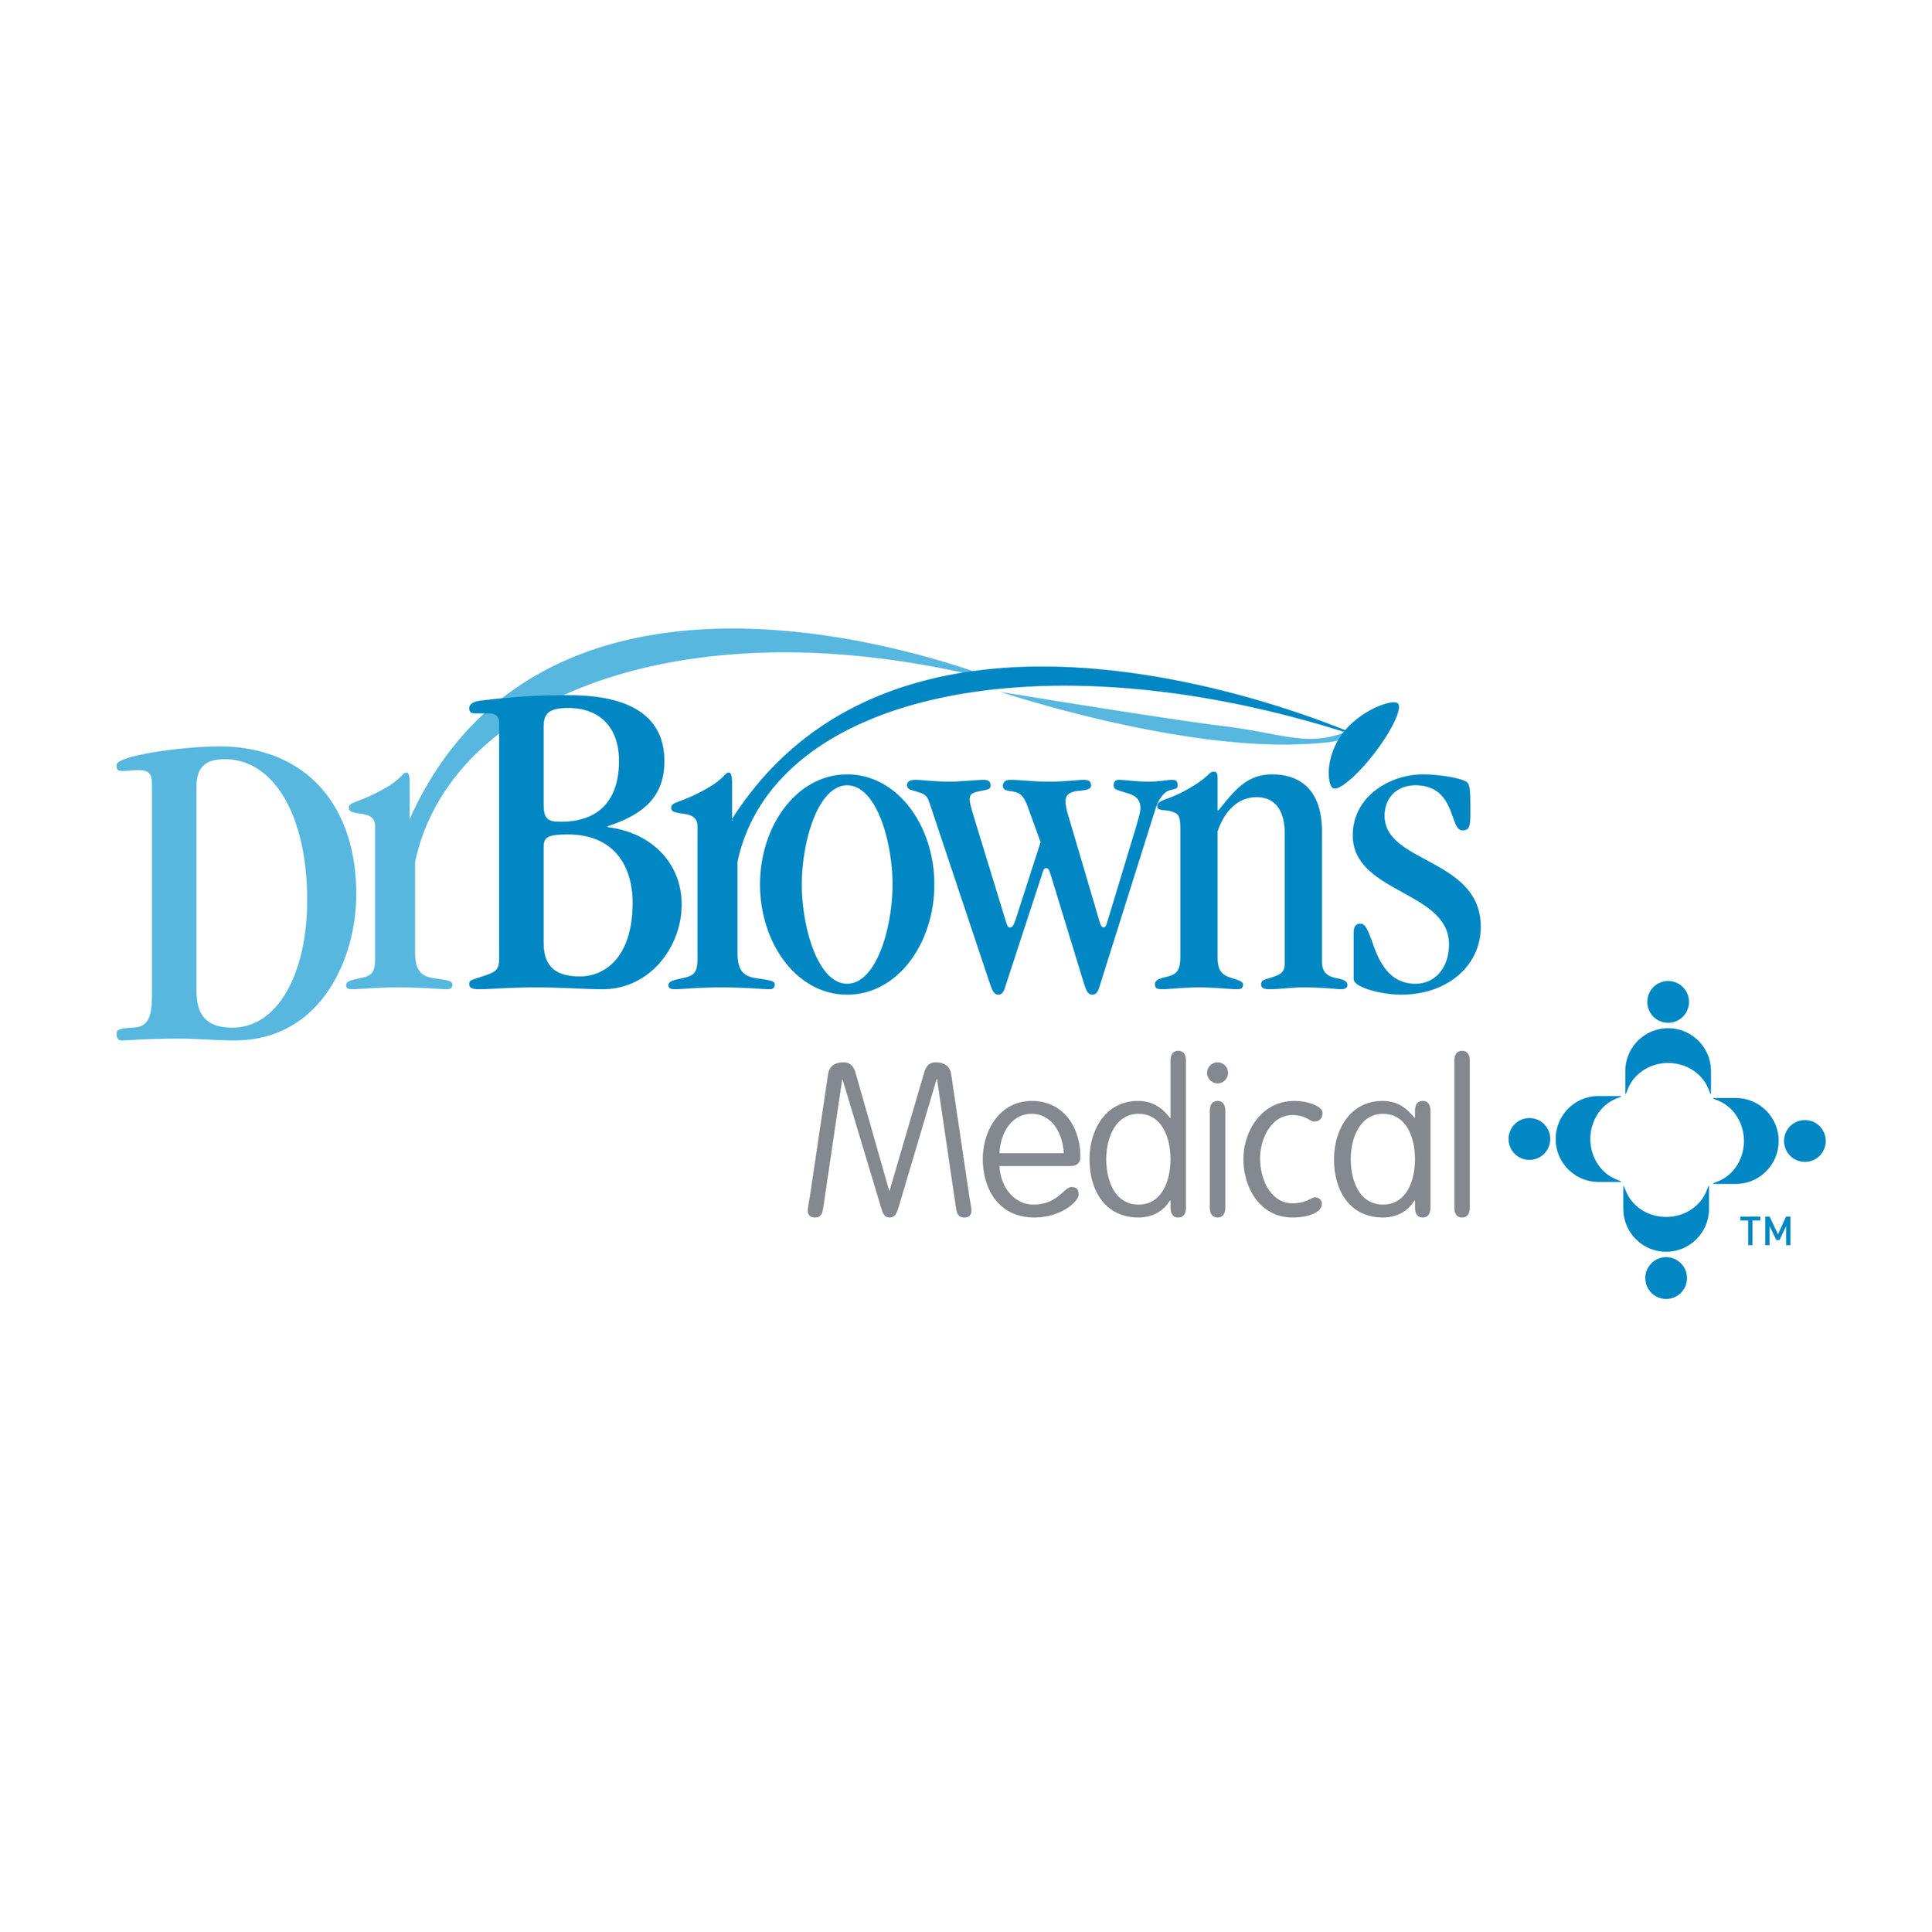 DrBrownMedical_Logo.jpg